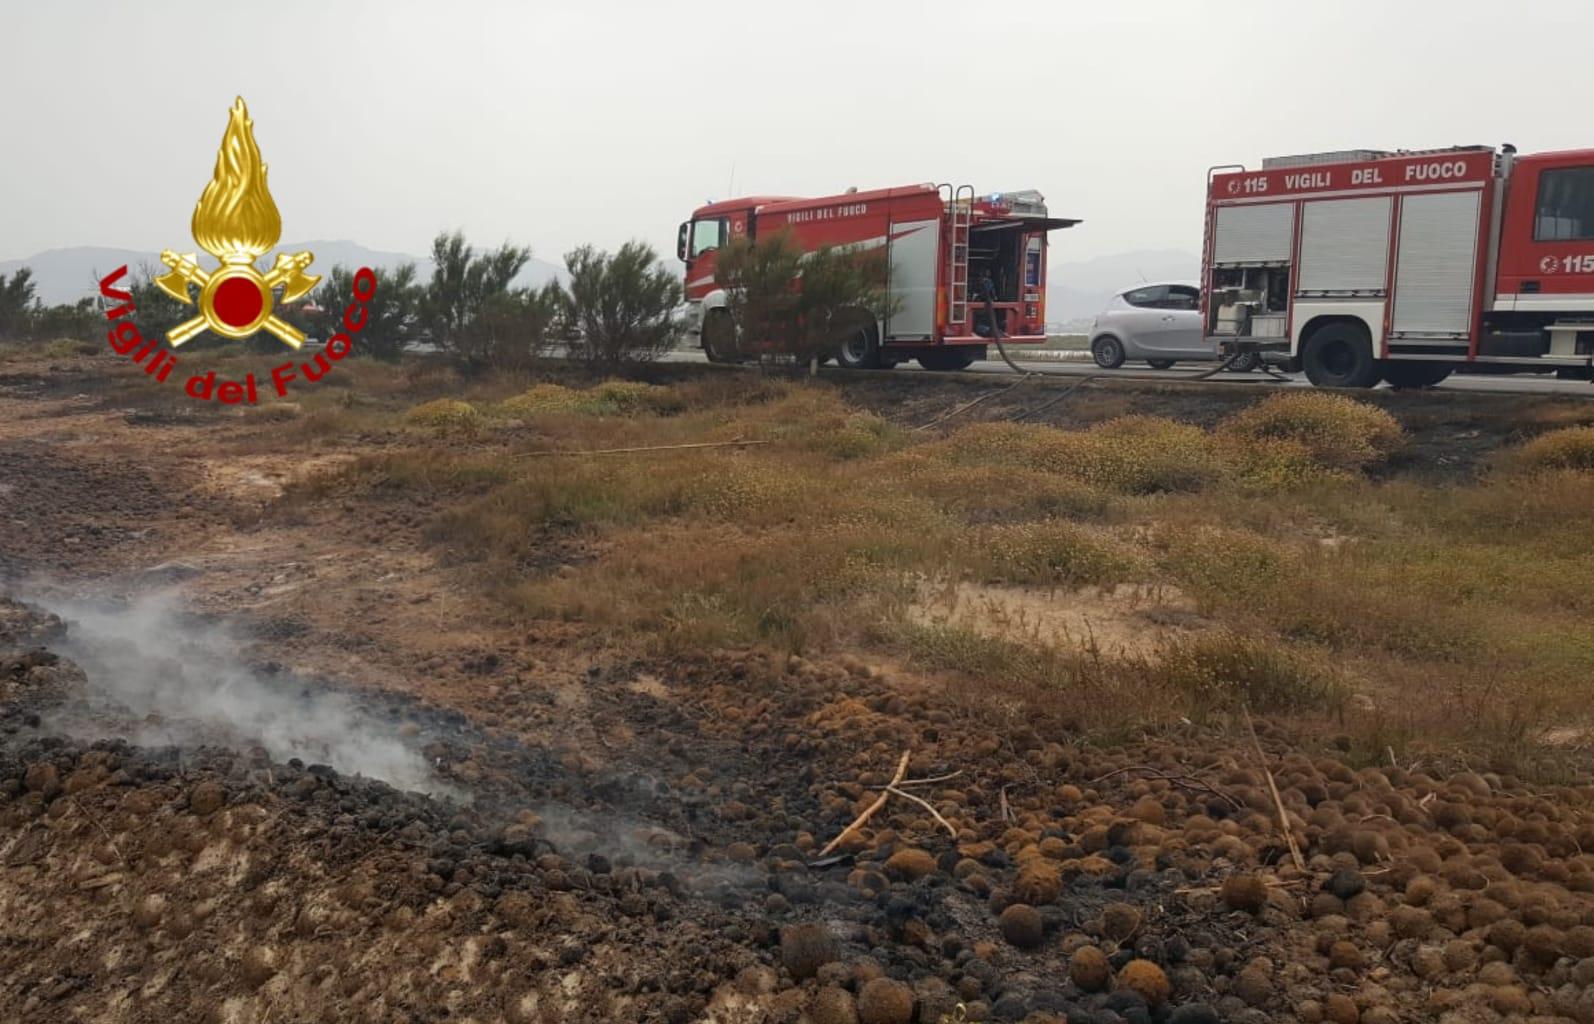 Combustione alghe a giorgino vigili del fuoco